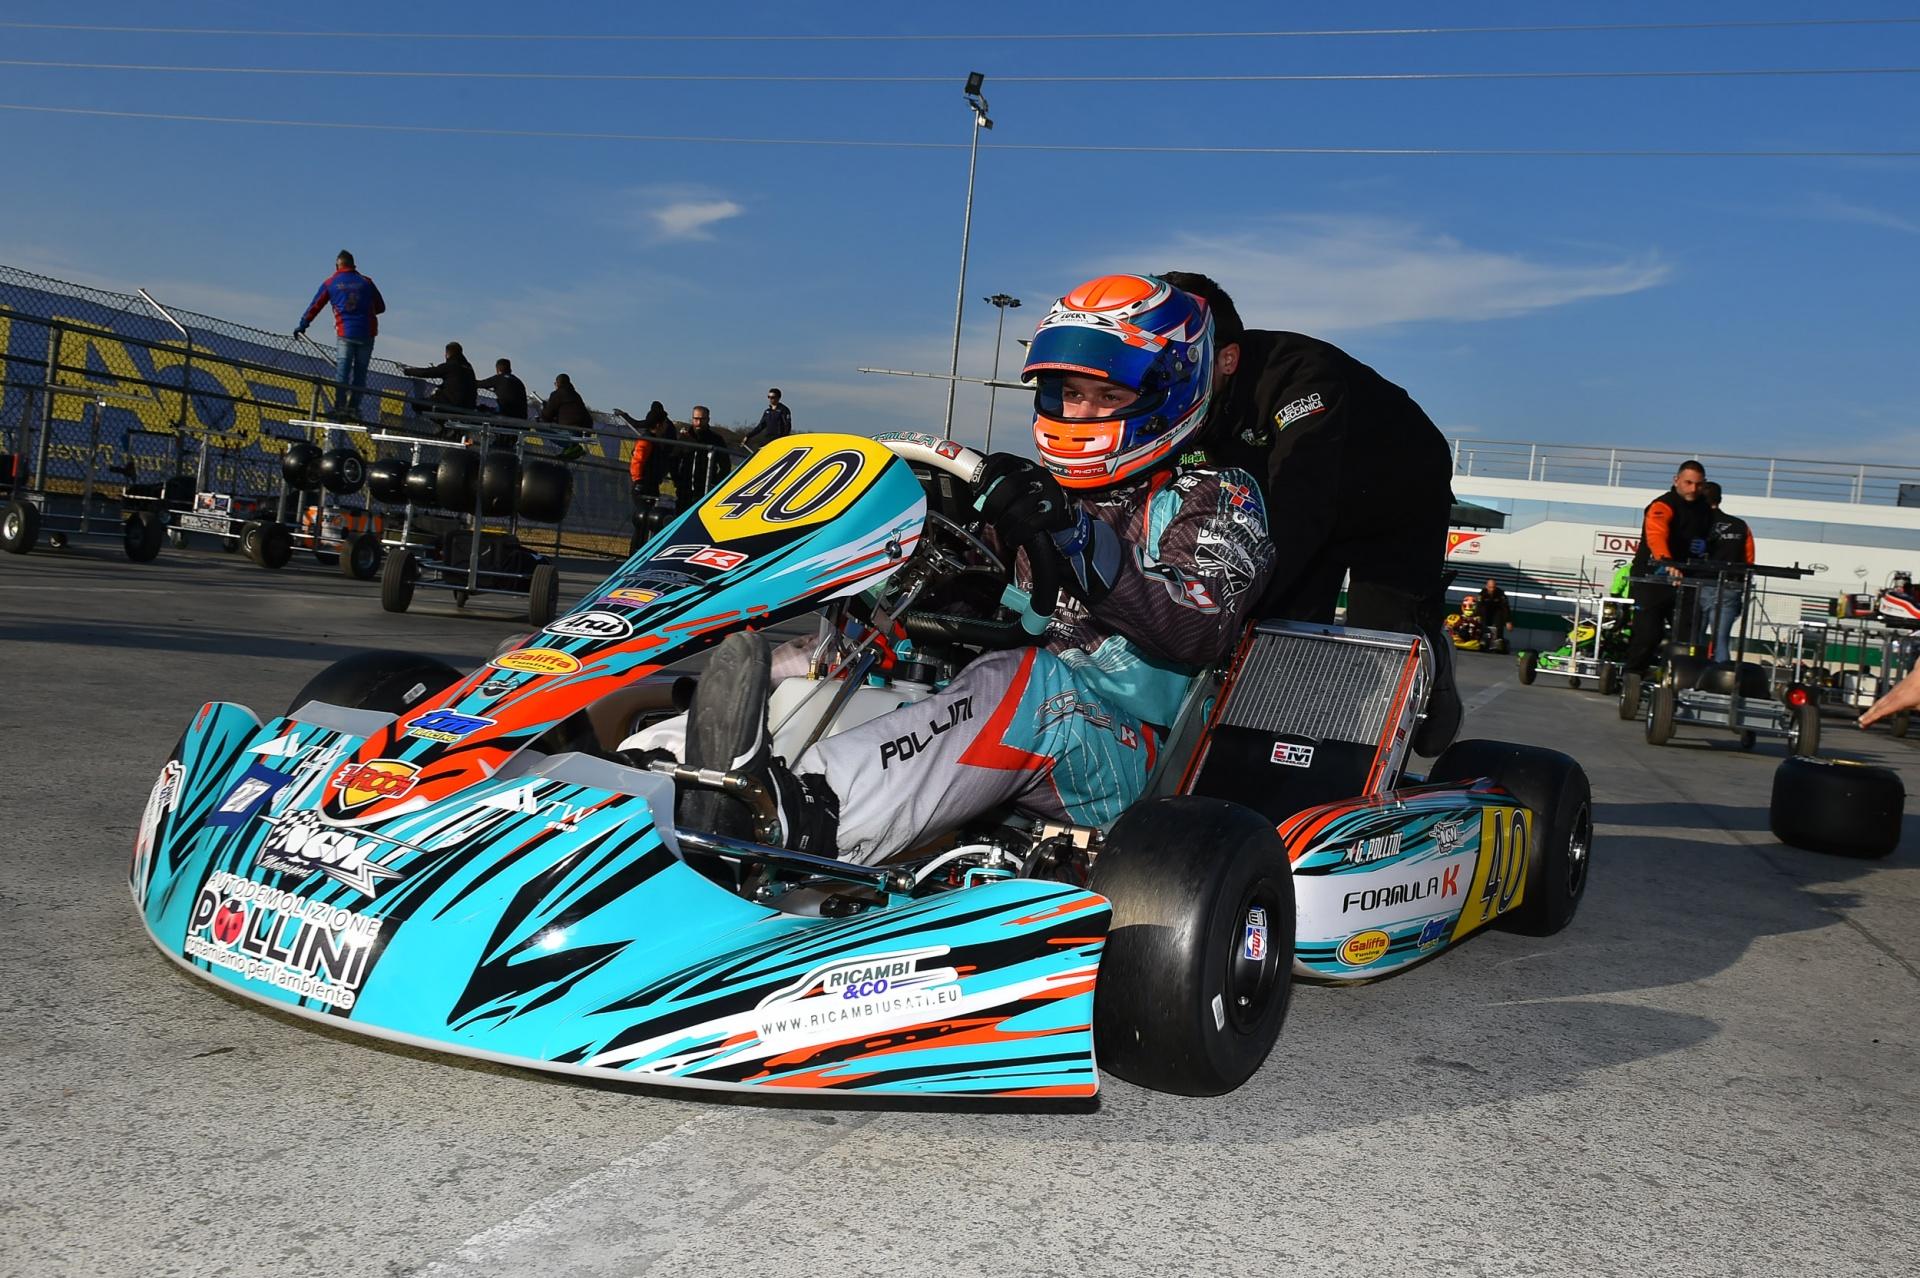 NGM Motorsport inizia la stagione in modo positivo!